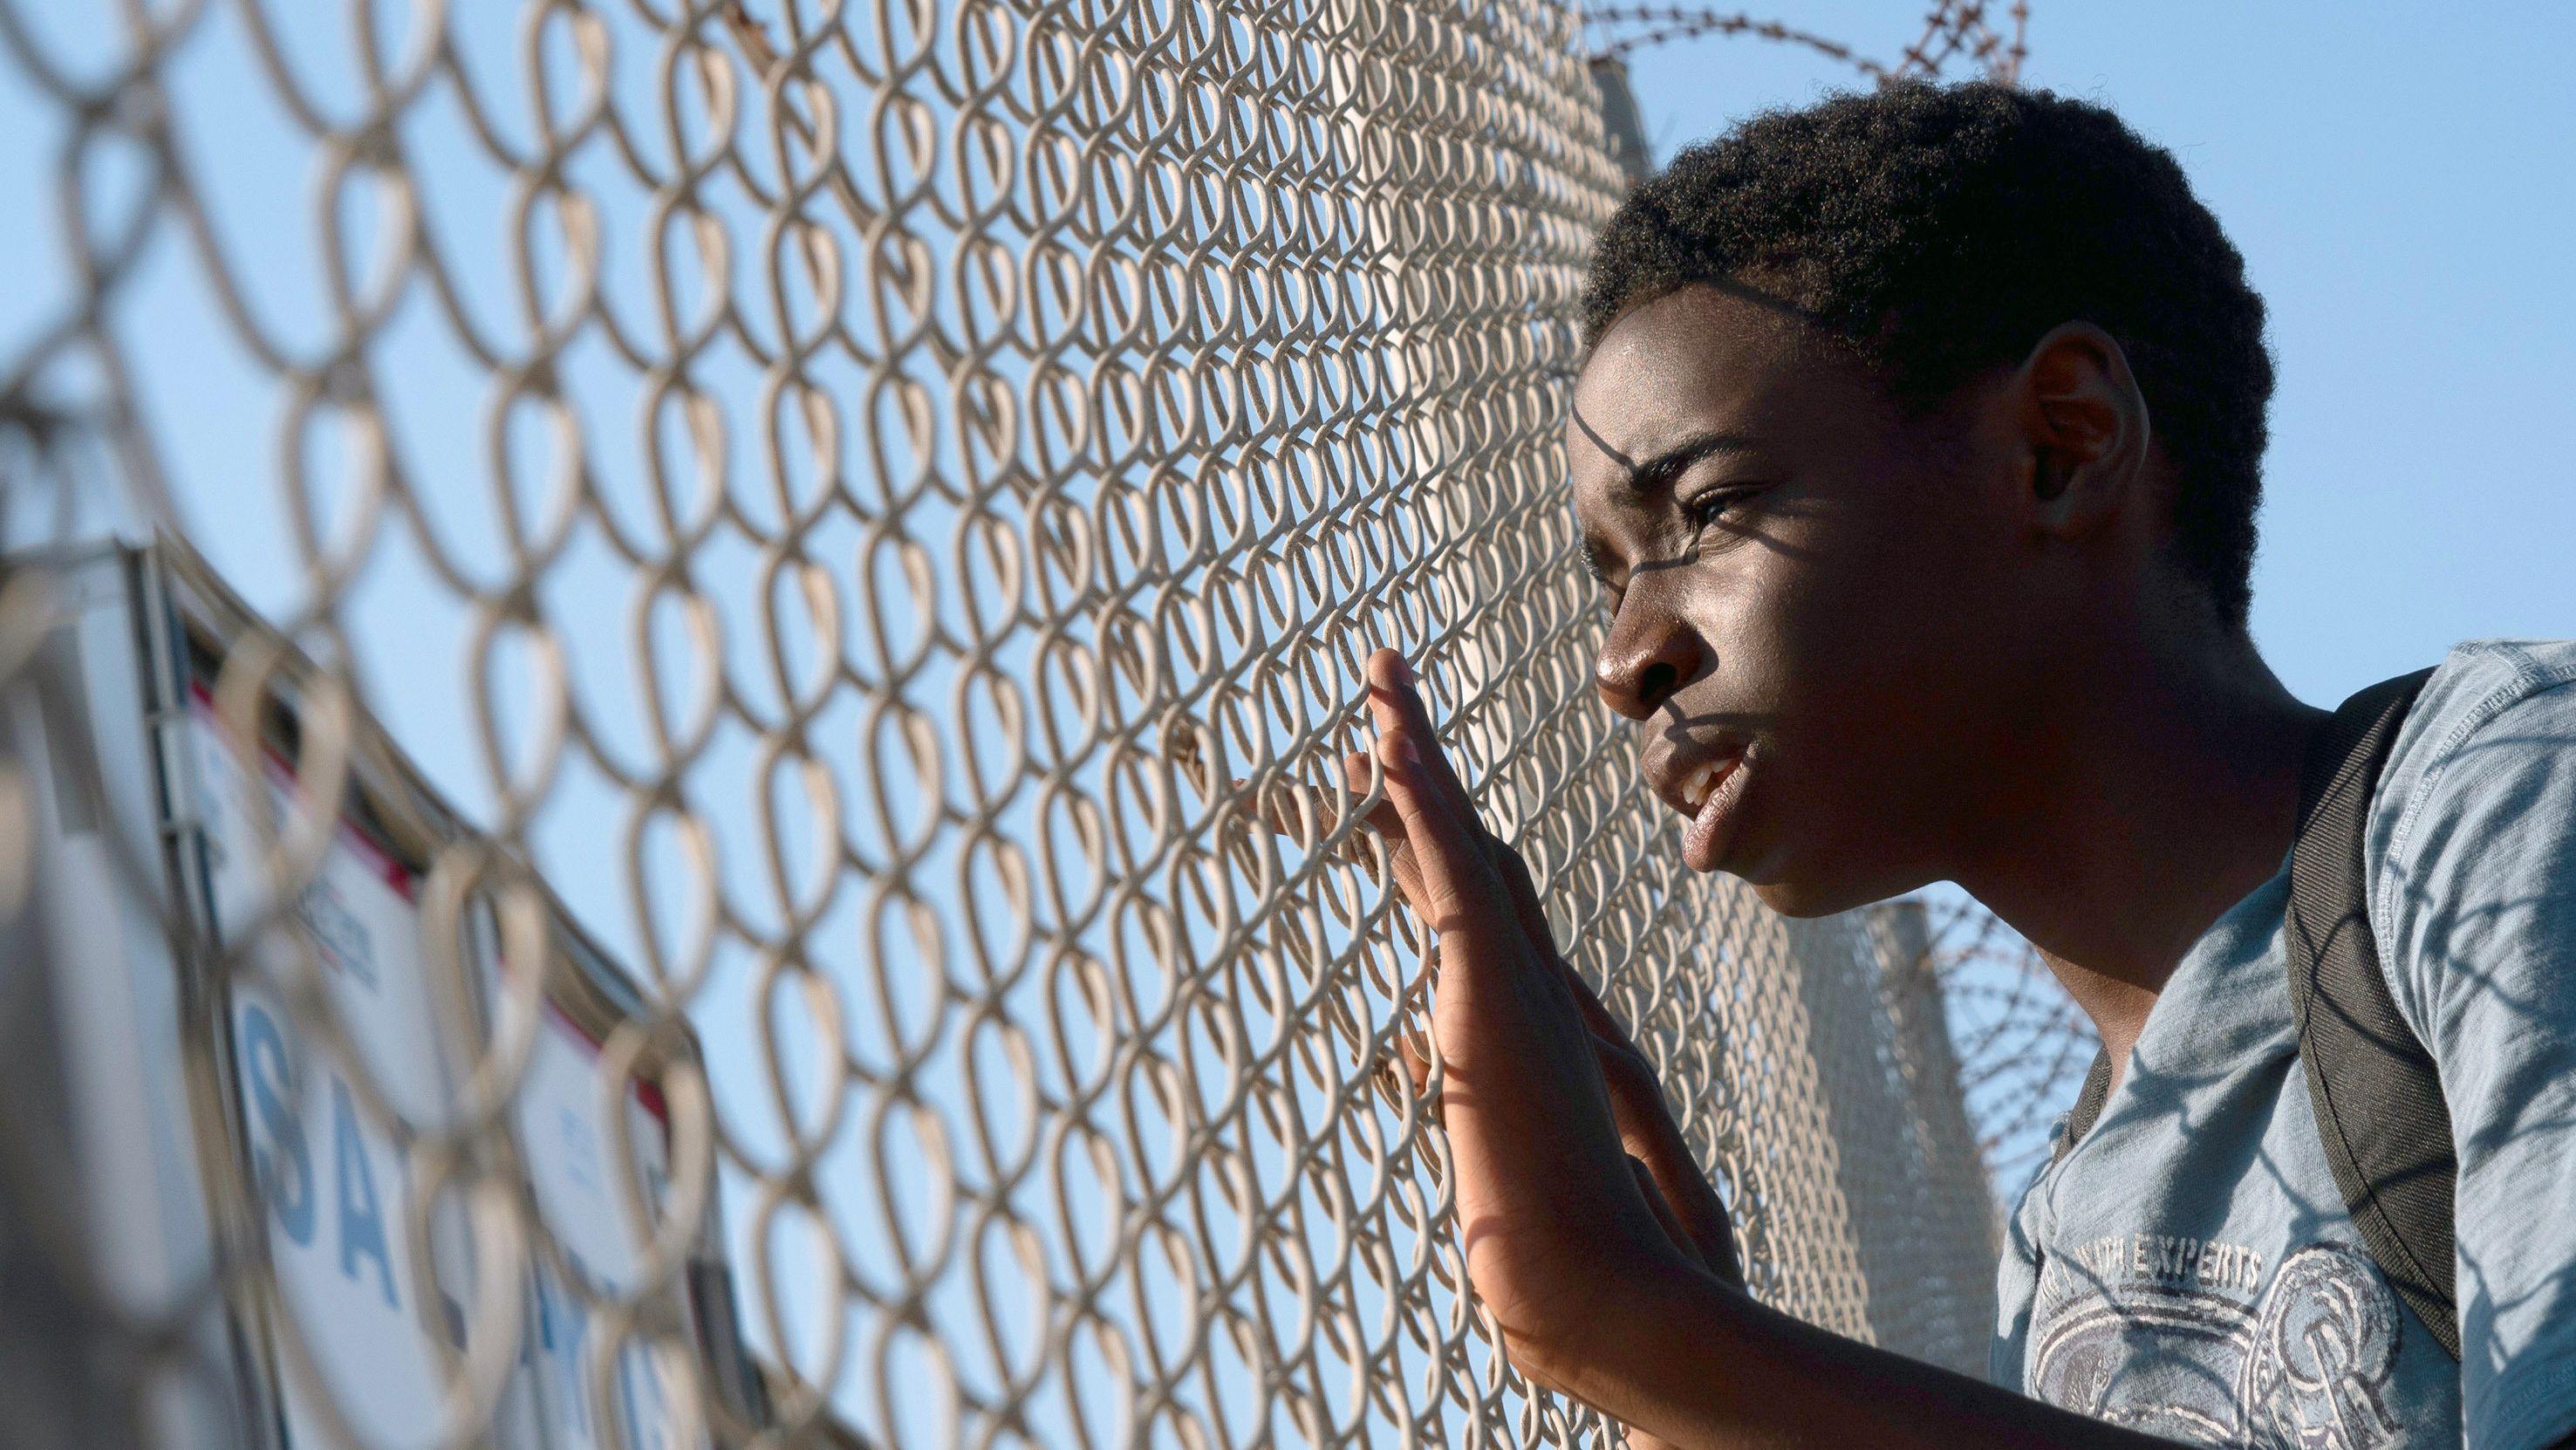 """Hinter dem Zaun warten die Lastzüge auf die Fähre nach Italien. Amare (Joshua Edoze) hofft in der Serie """"Eden"""", dass ihn jemand mitnimmt."""